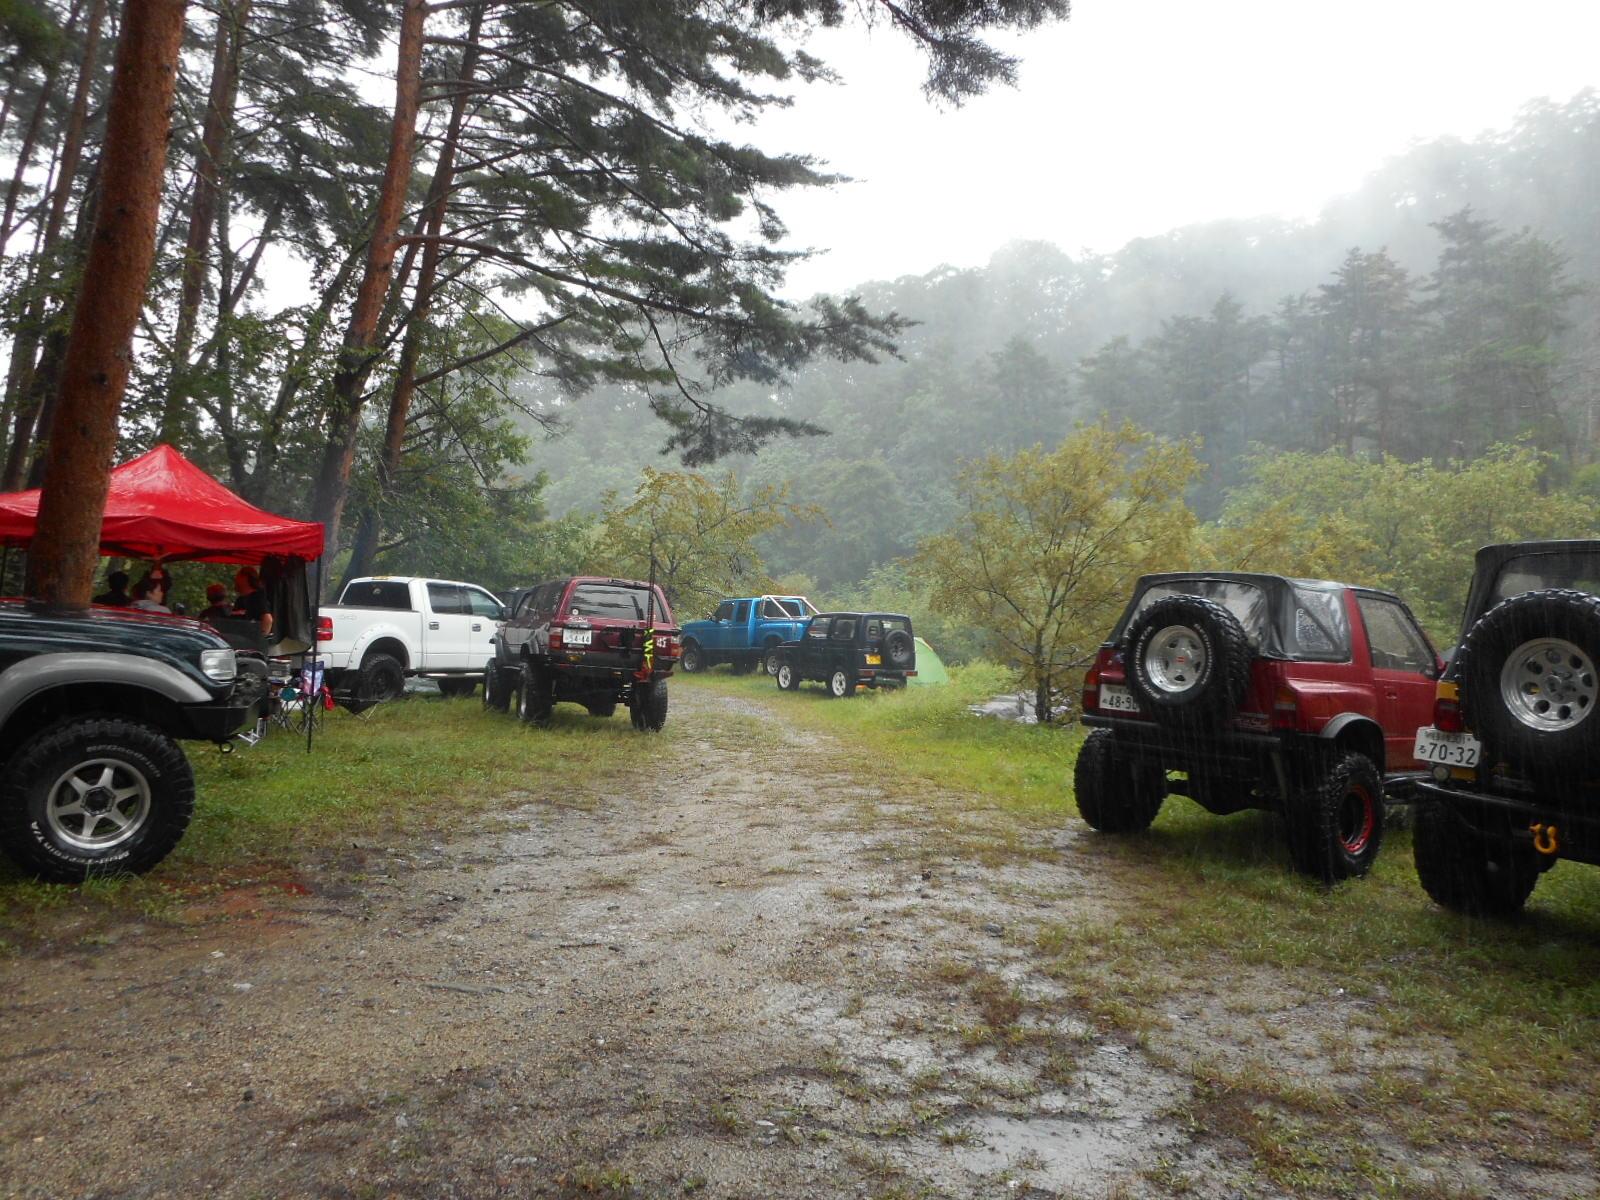 御座松キャンプ場へ行ってきました